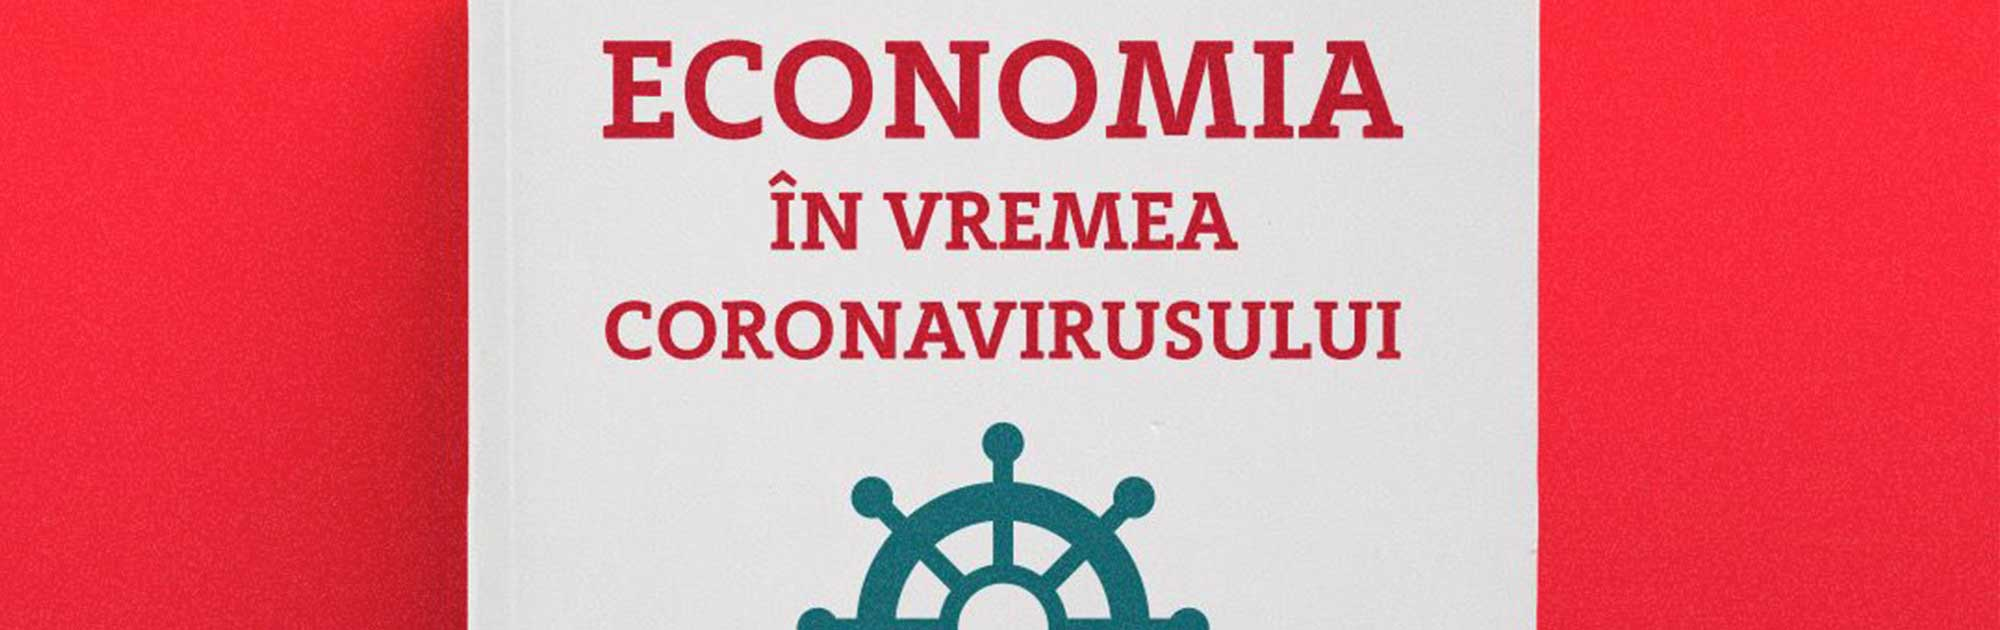 economia-în-vremea-coronavirusului